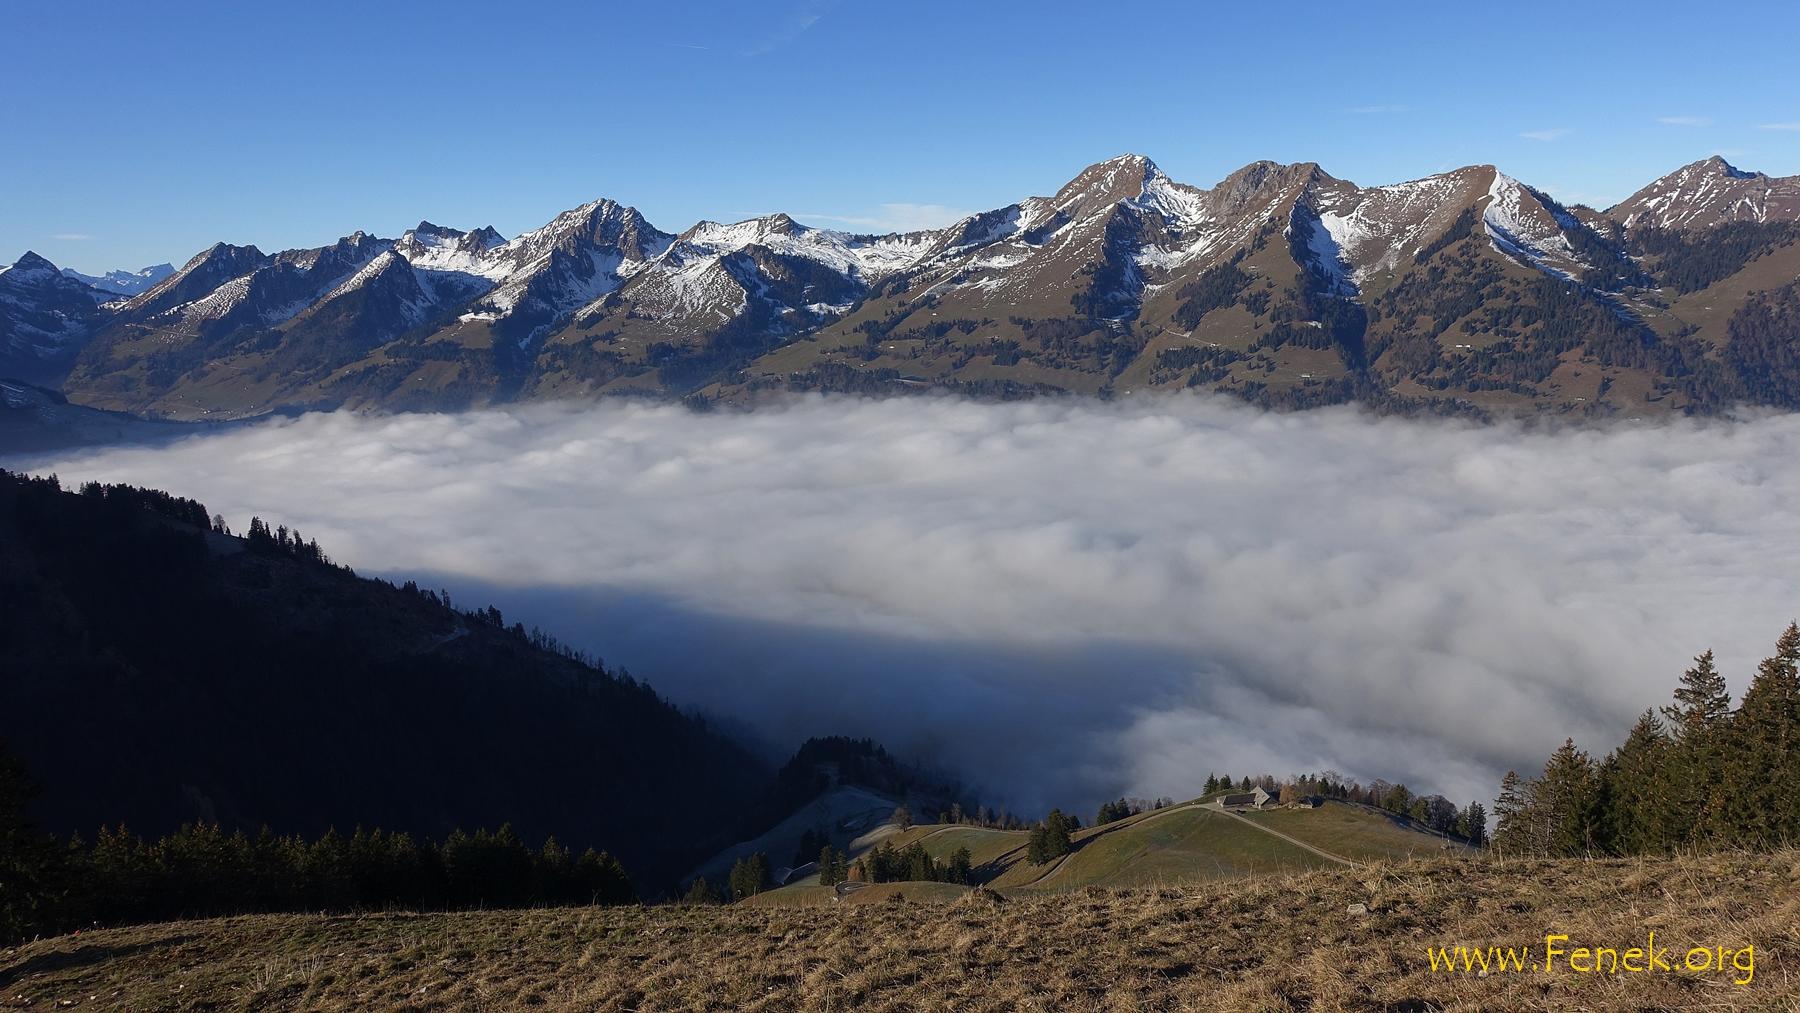 der Nebel entschwindet - der Blick wird weiter zu Dent de Lys und anderen....